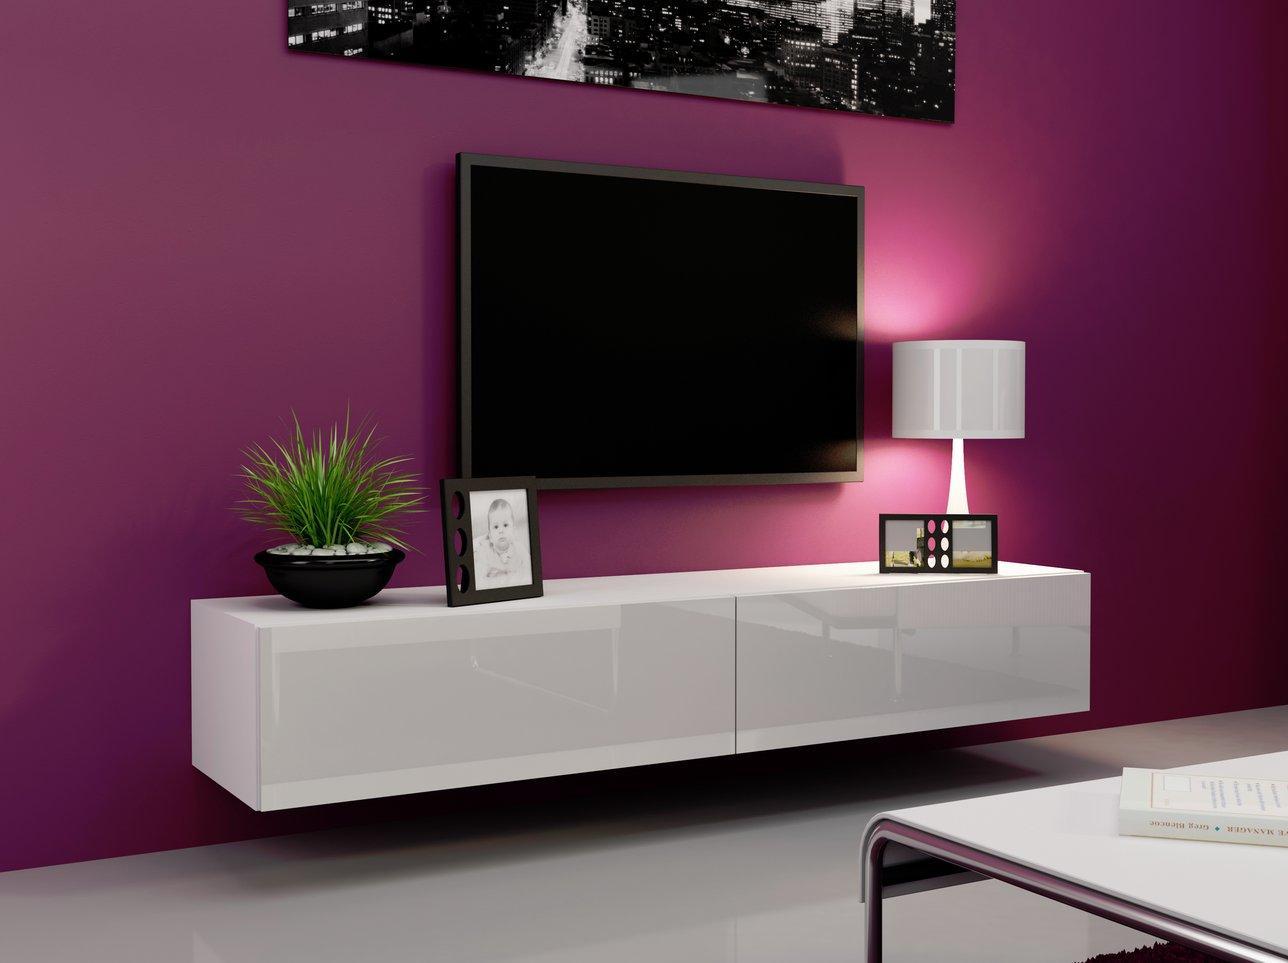 CAMA MEBLE Televízny stolík VIGO 180 Farba: biela